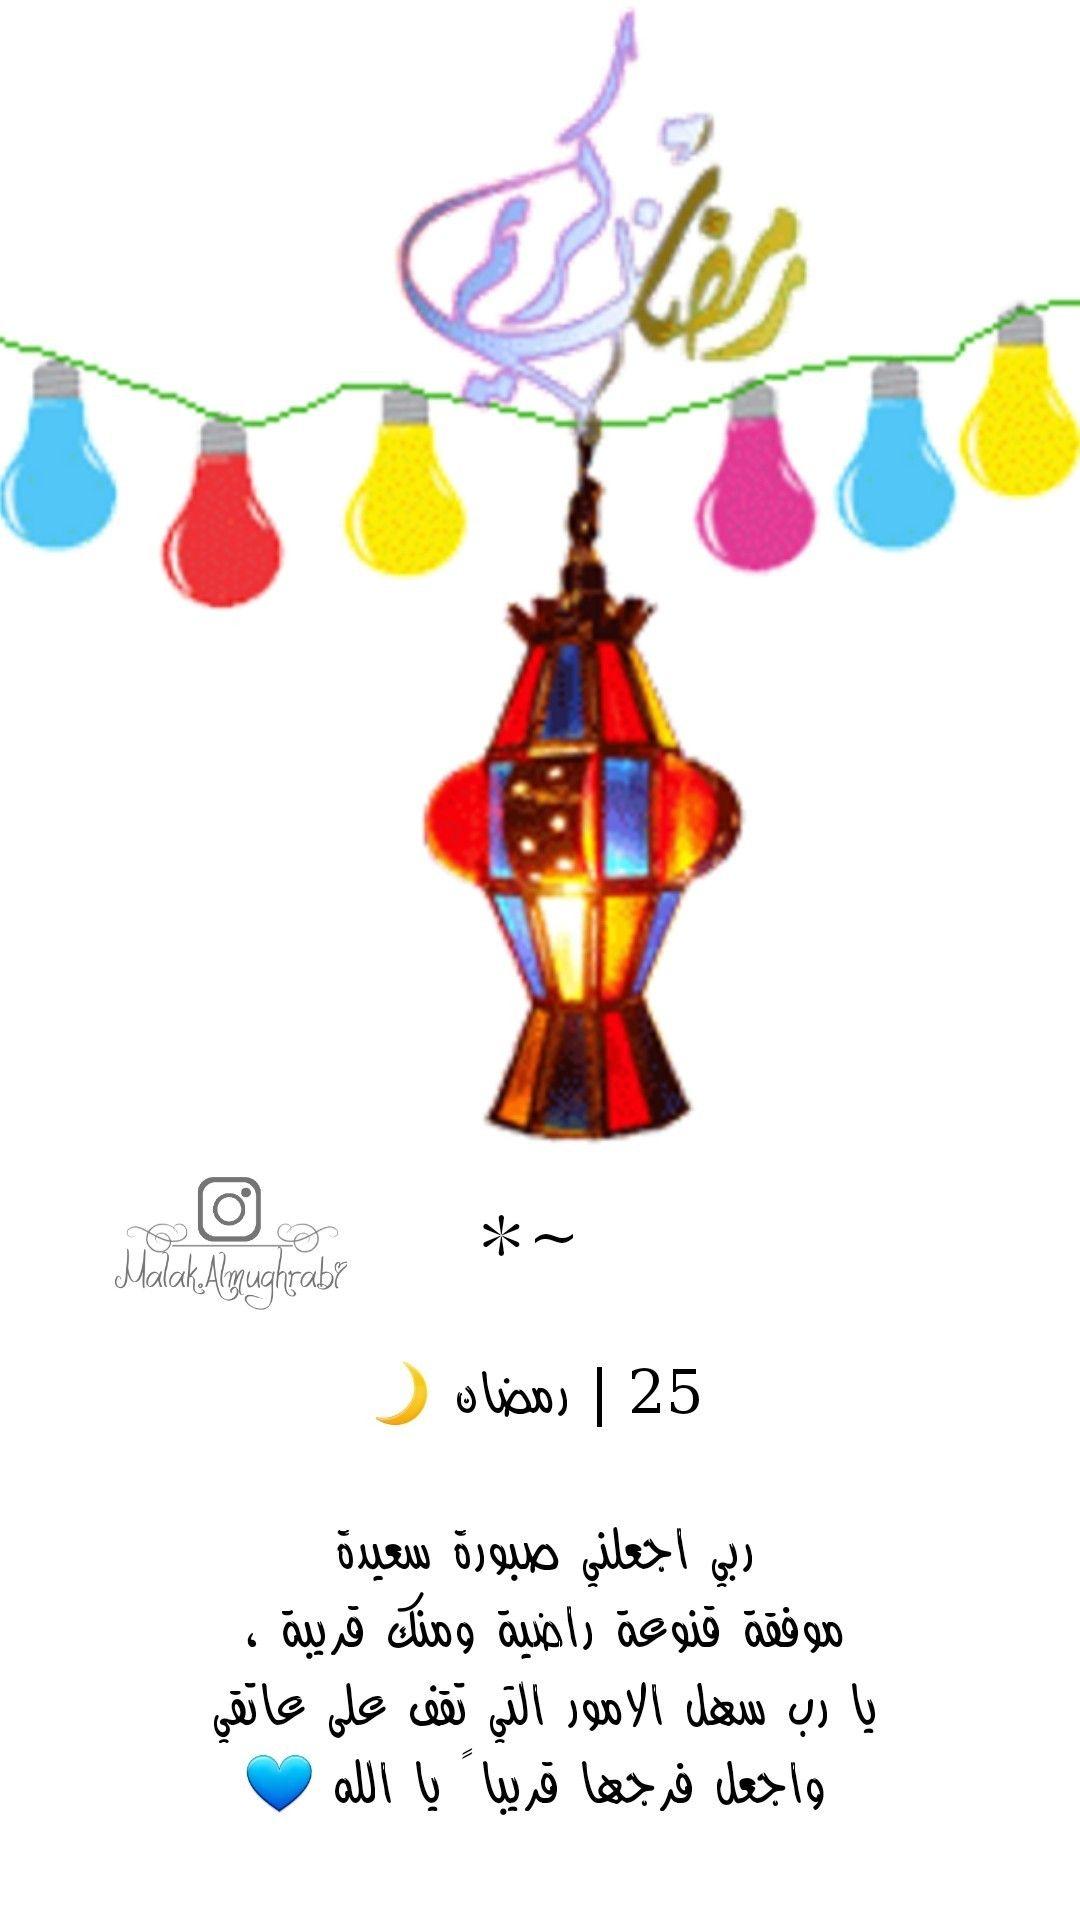 25 رمضان ربي اجعلني صبورة سعيدة موفقة قنوعة راضية ومنك قريبة يا رب سهل الامور التي تقف على عاتقي واجعل فرجها Ramadan Cards Ramadan Crafts Ramadan